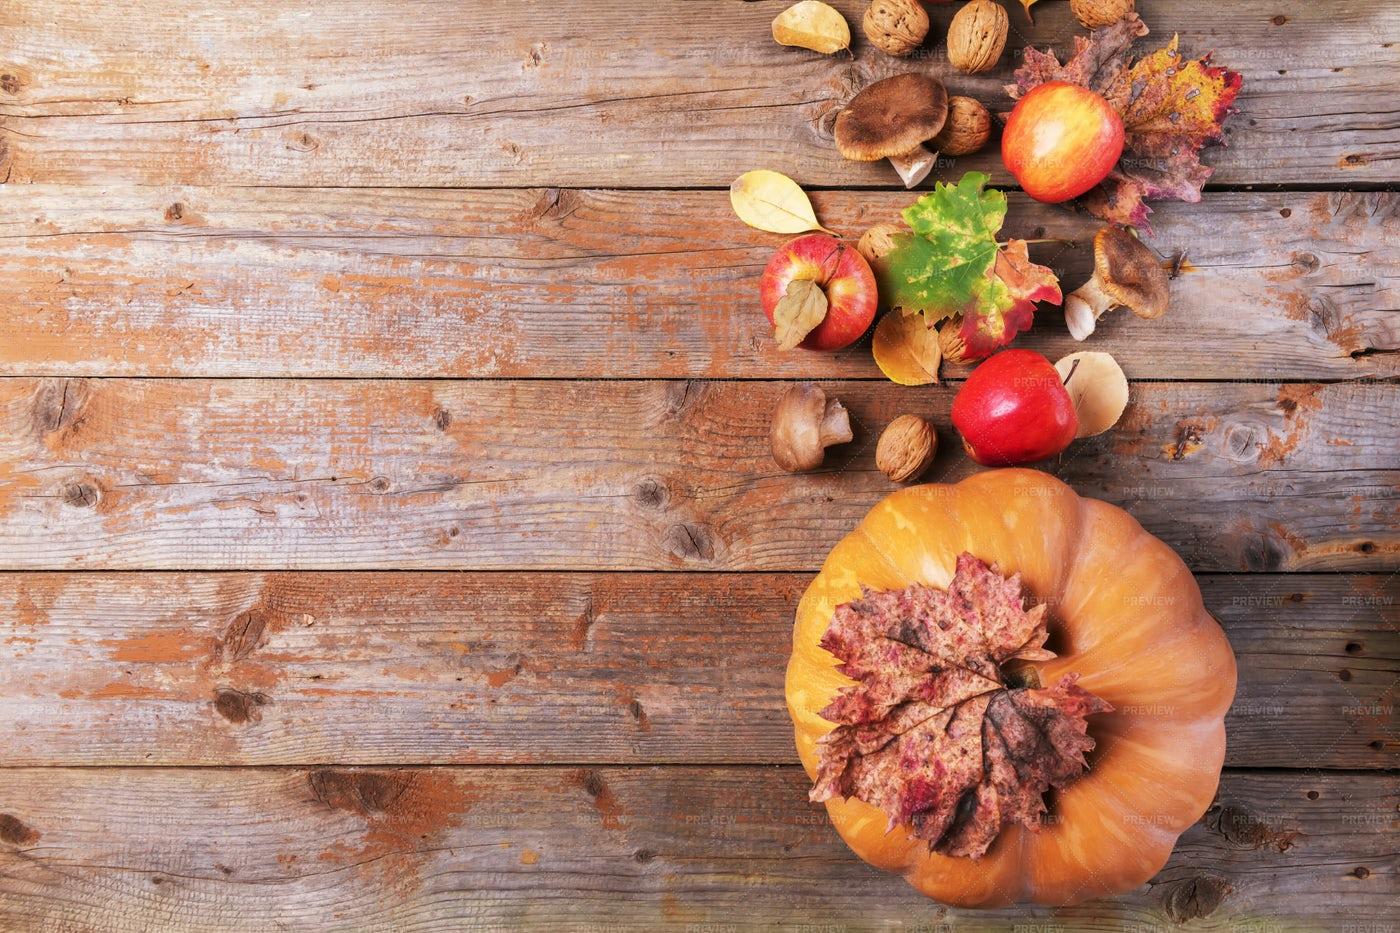 Pumpkin With Cardoncelli Mushrooms: Stock Photos